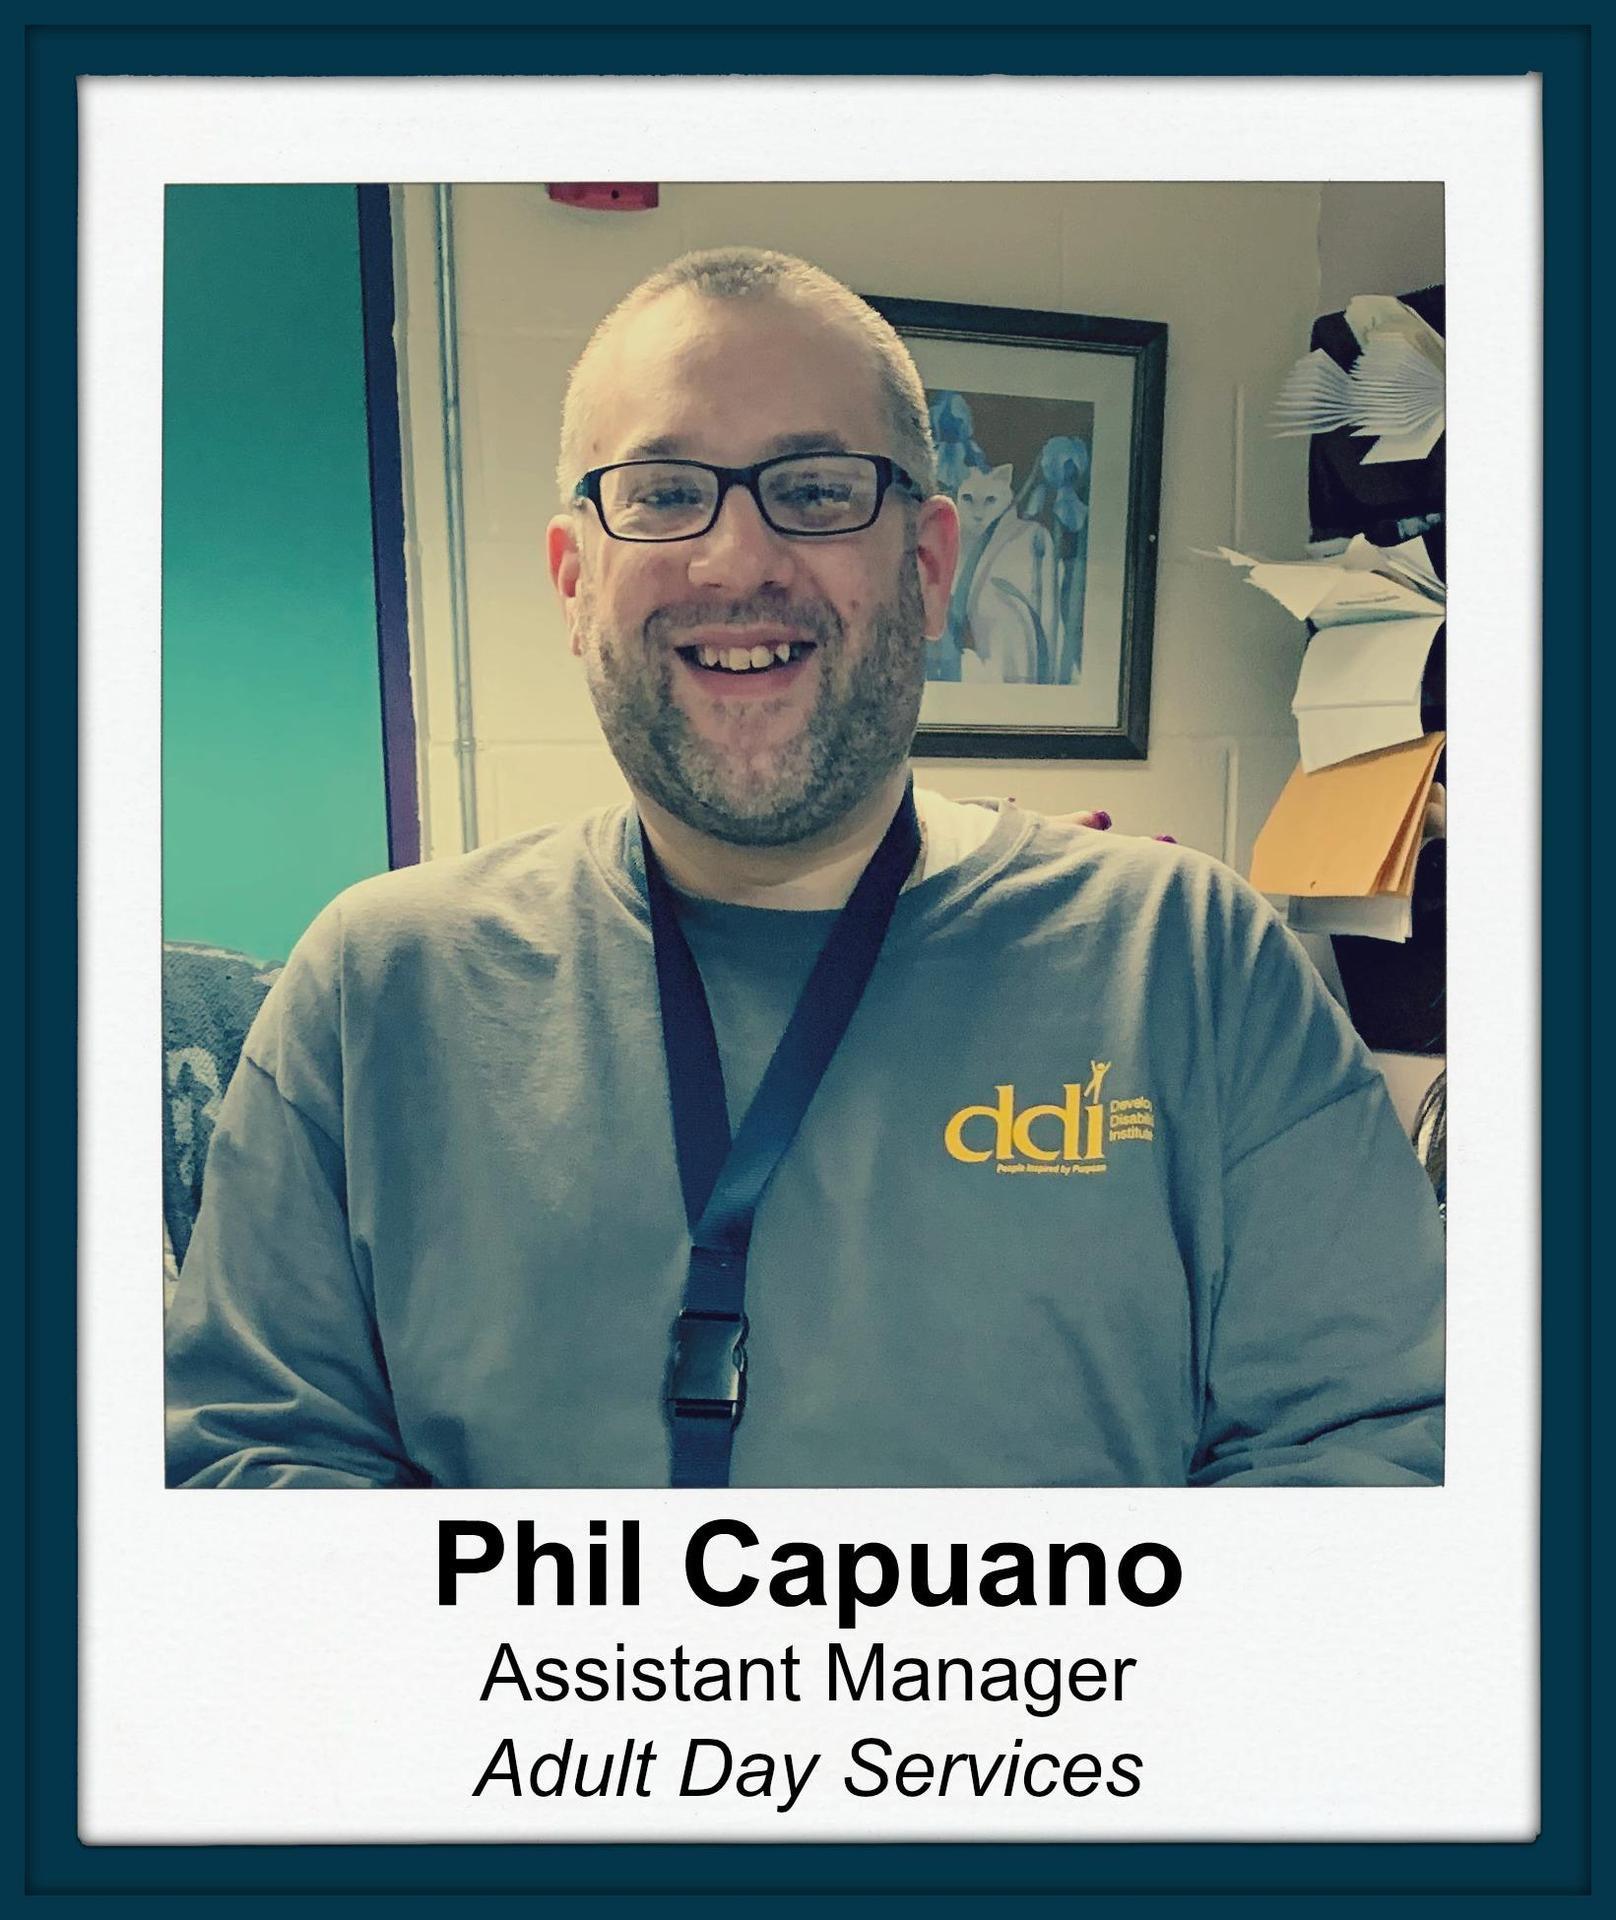 Phil Capuano